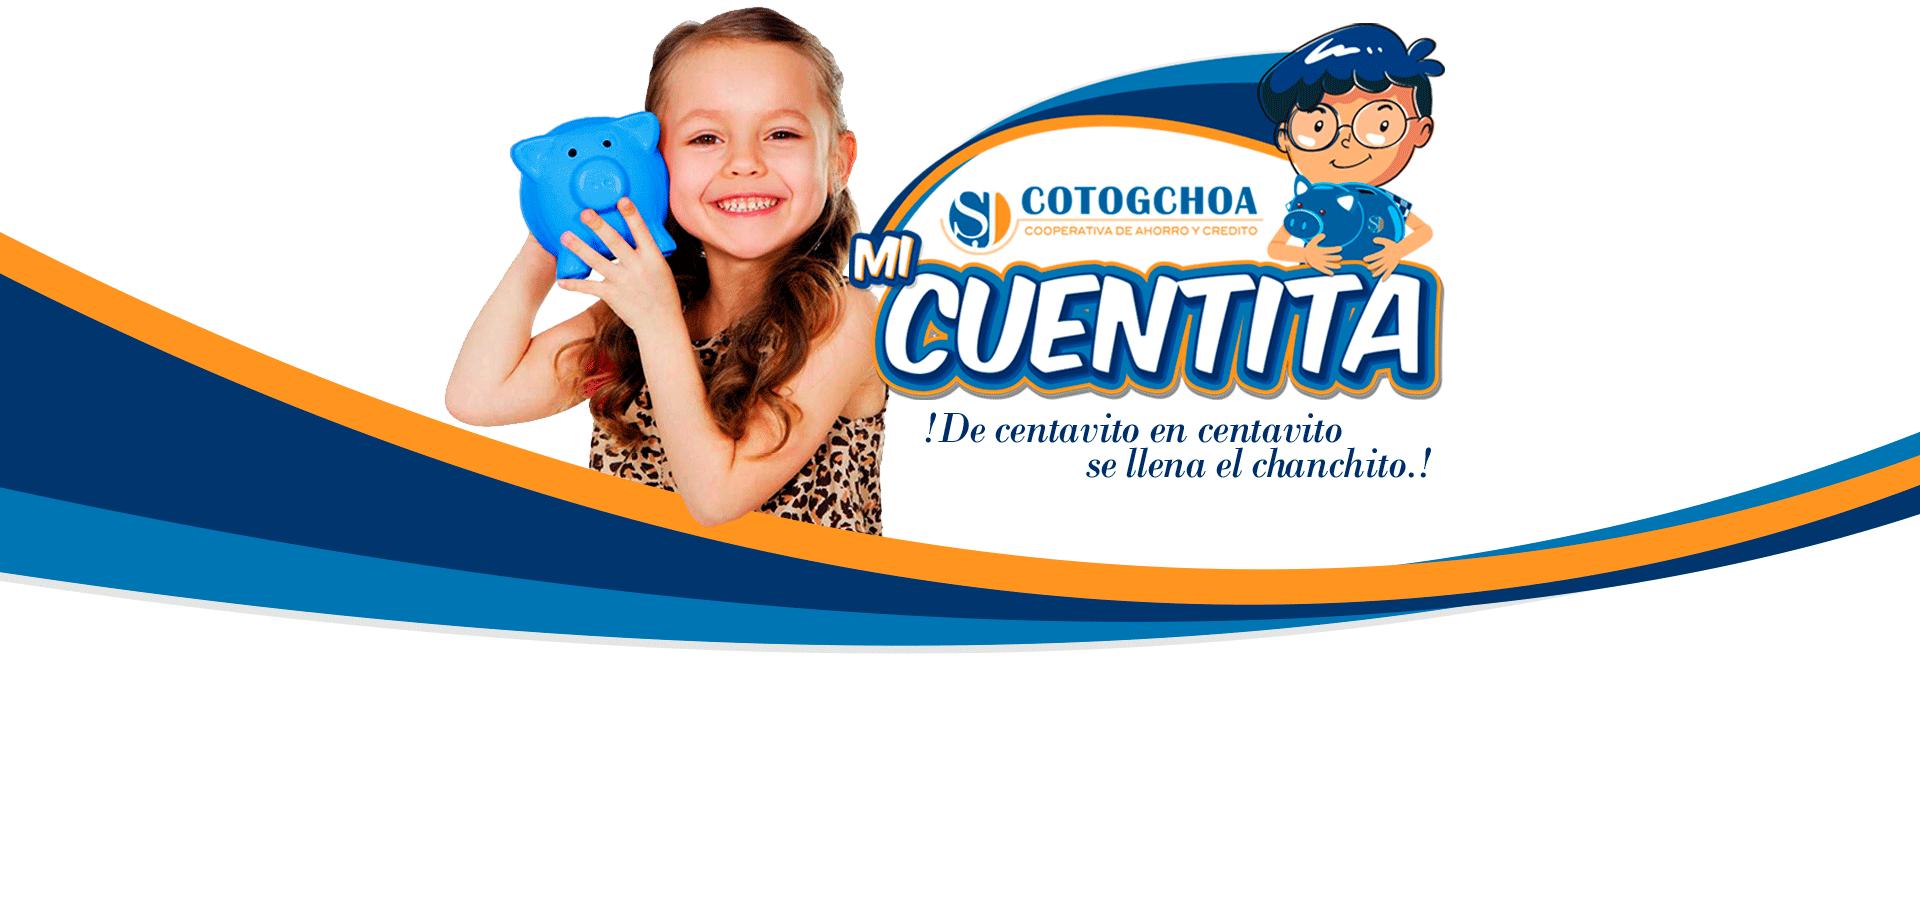 micuentta-banner-3